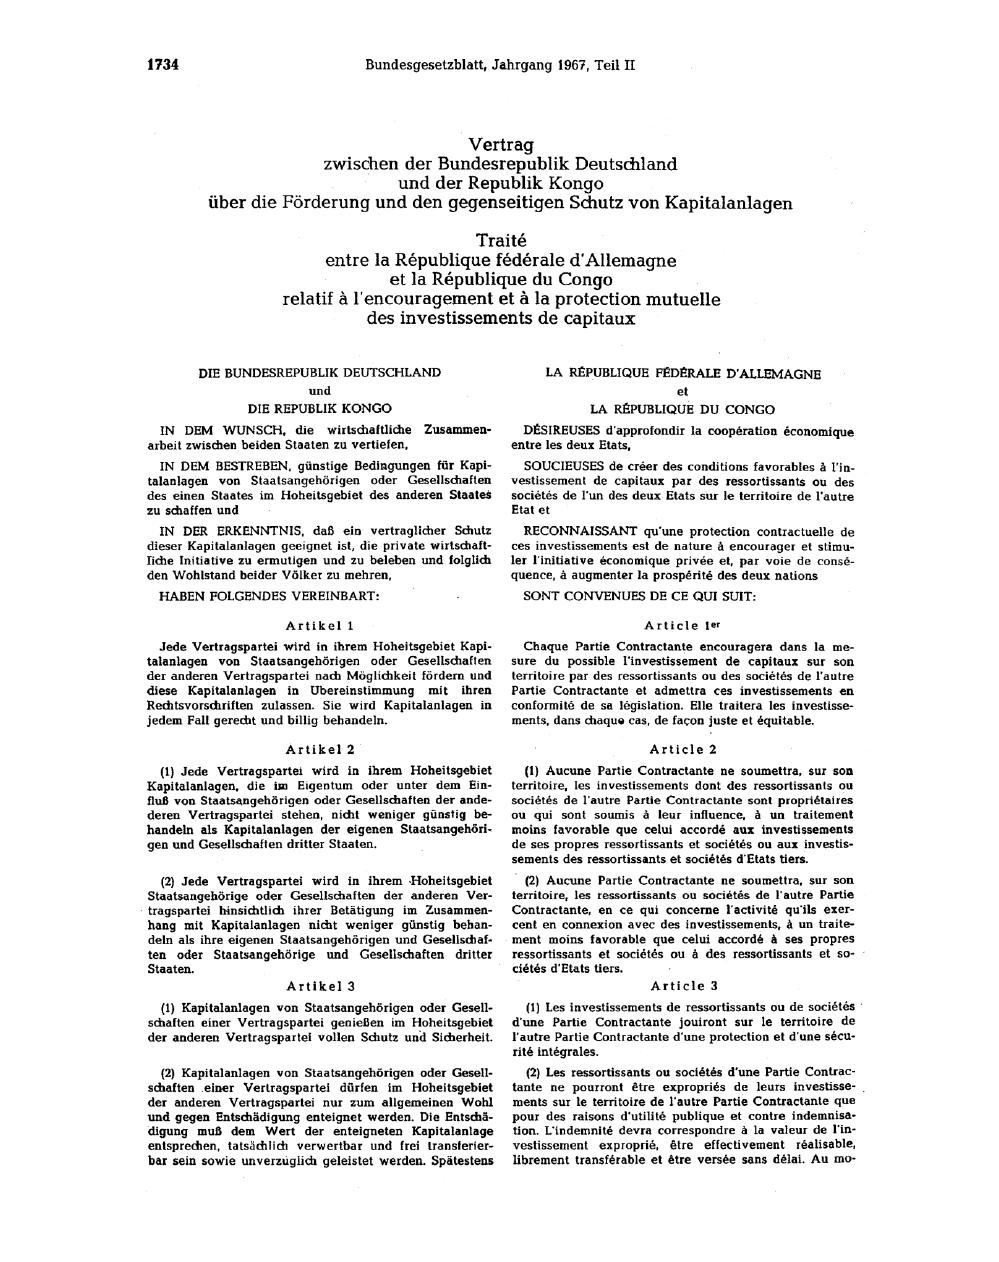 Annexe 12 Le traité bilatéral d'investissement entre le Congo et le Royaume-Uni 1